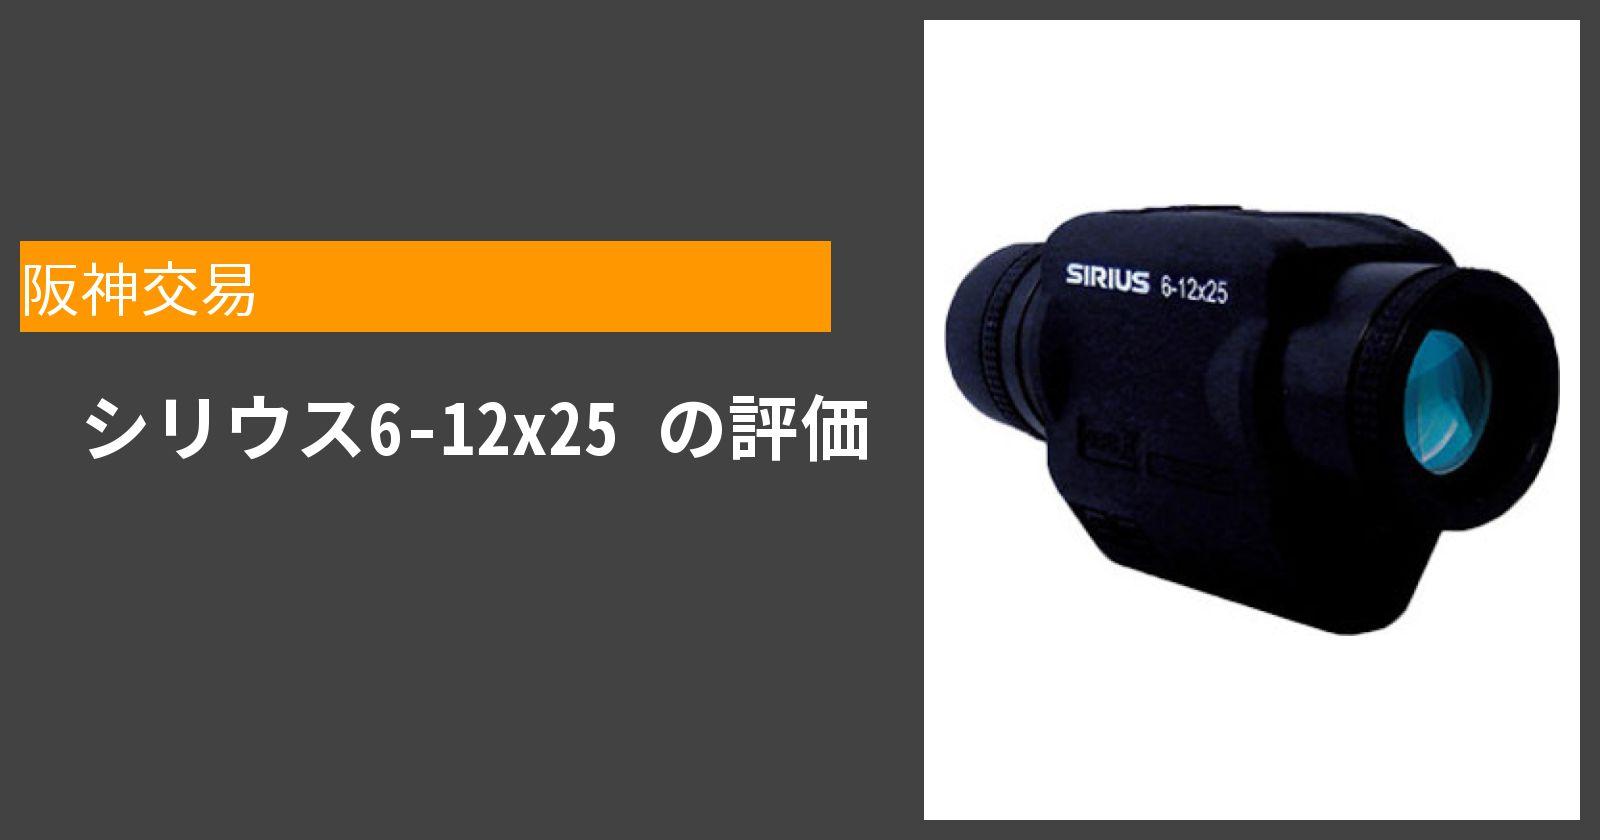 シリウス6-12x25を徹底評価